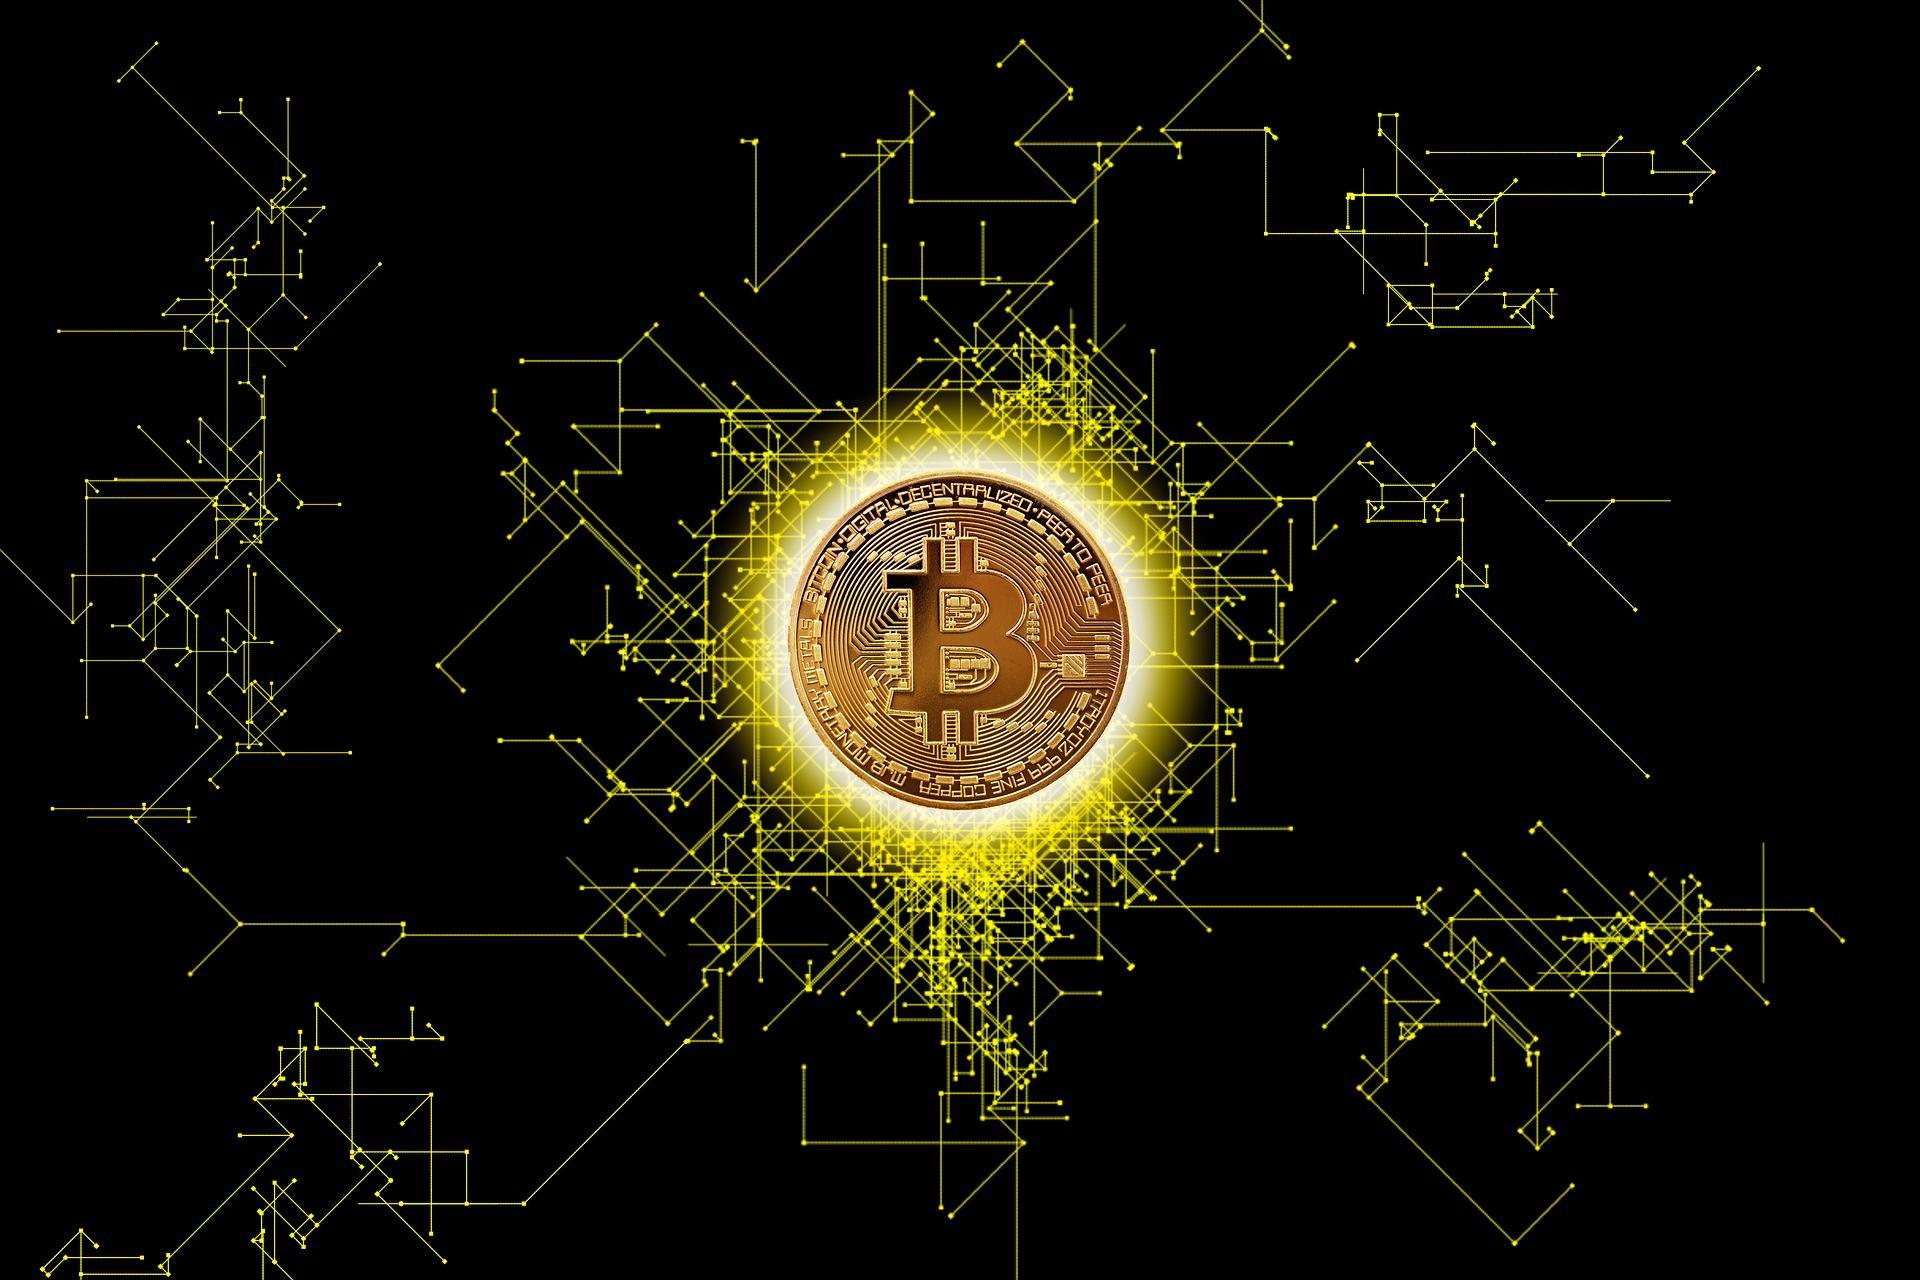 Bitcoin Conceptual Art